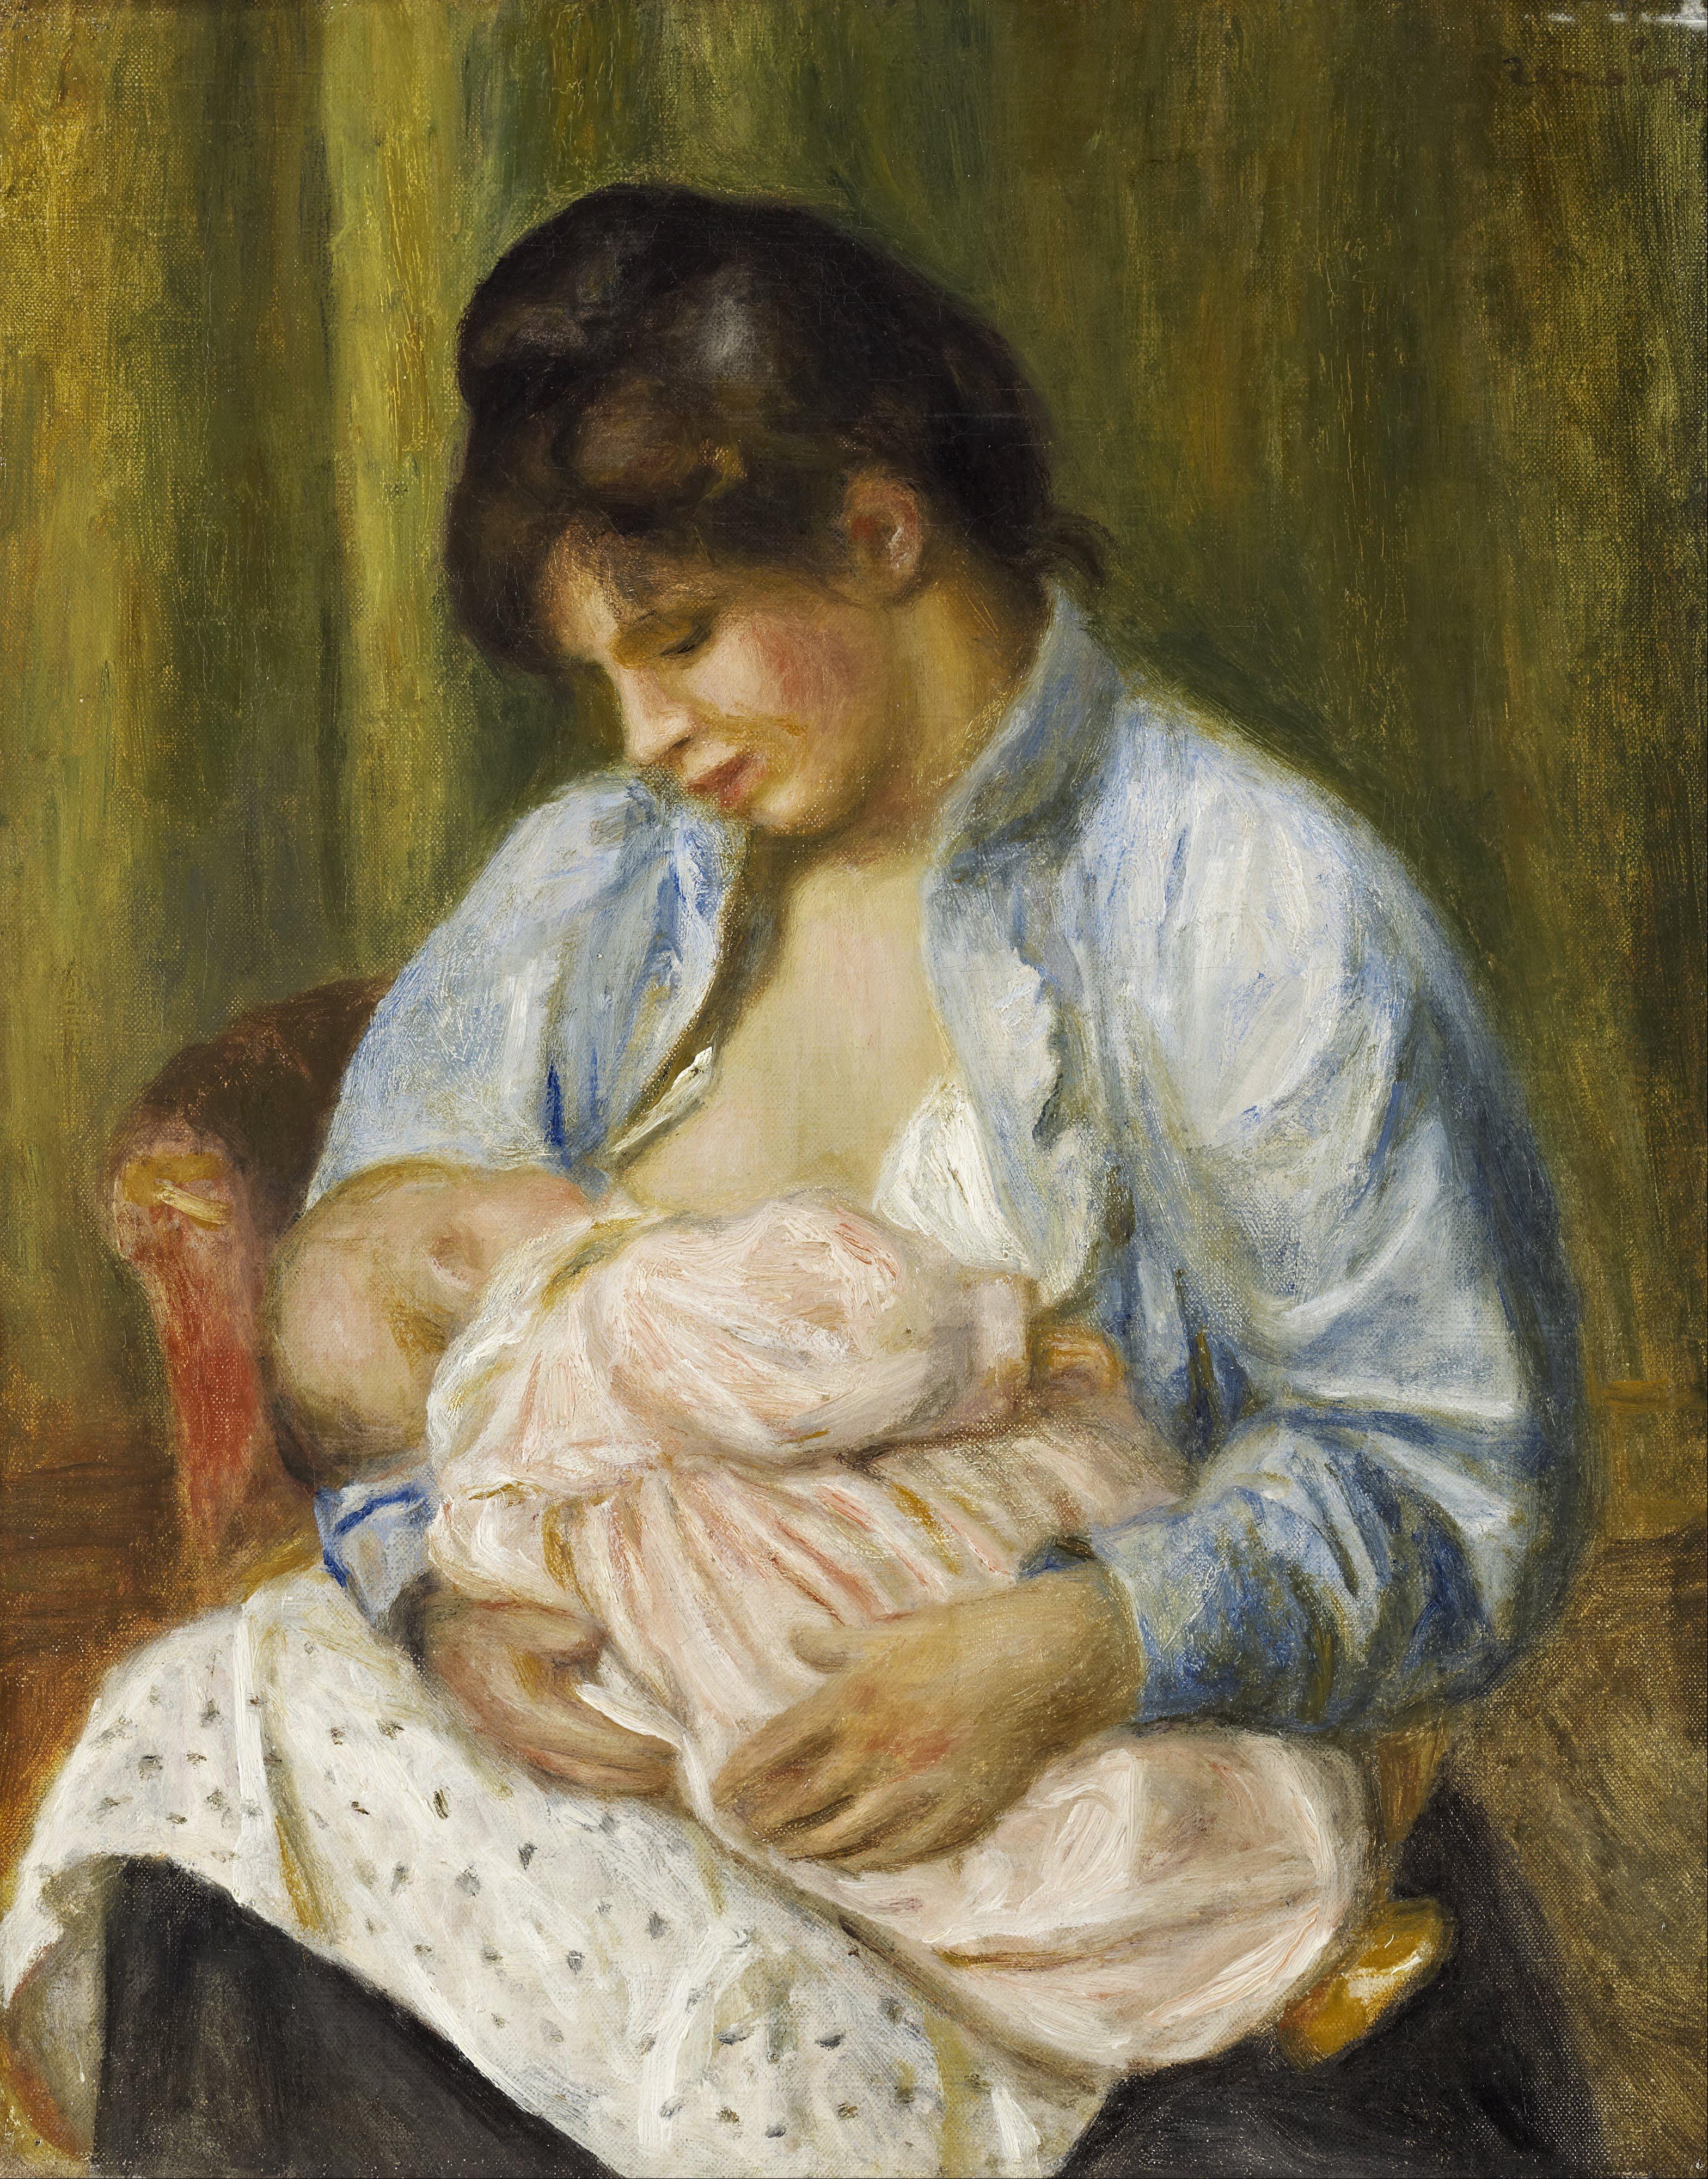 pierre-auguste_renoir_-_a_woman_nursing_a_child_-_google_art_project